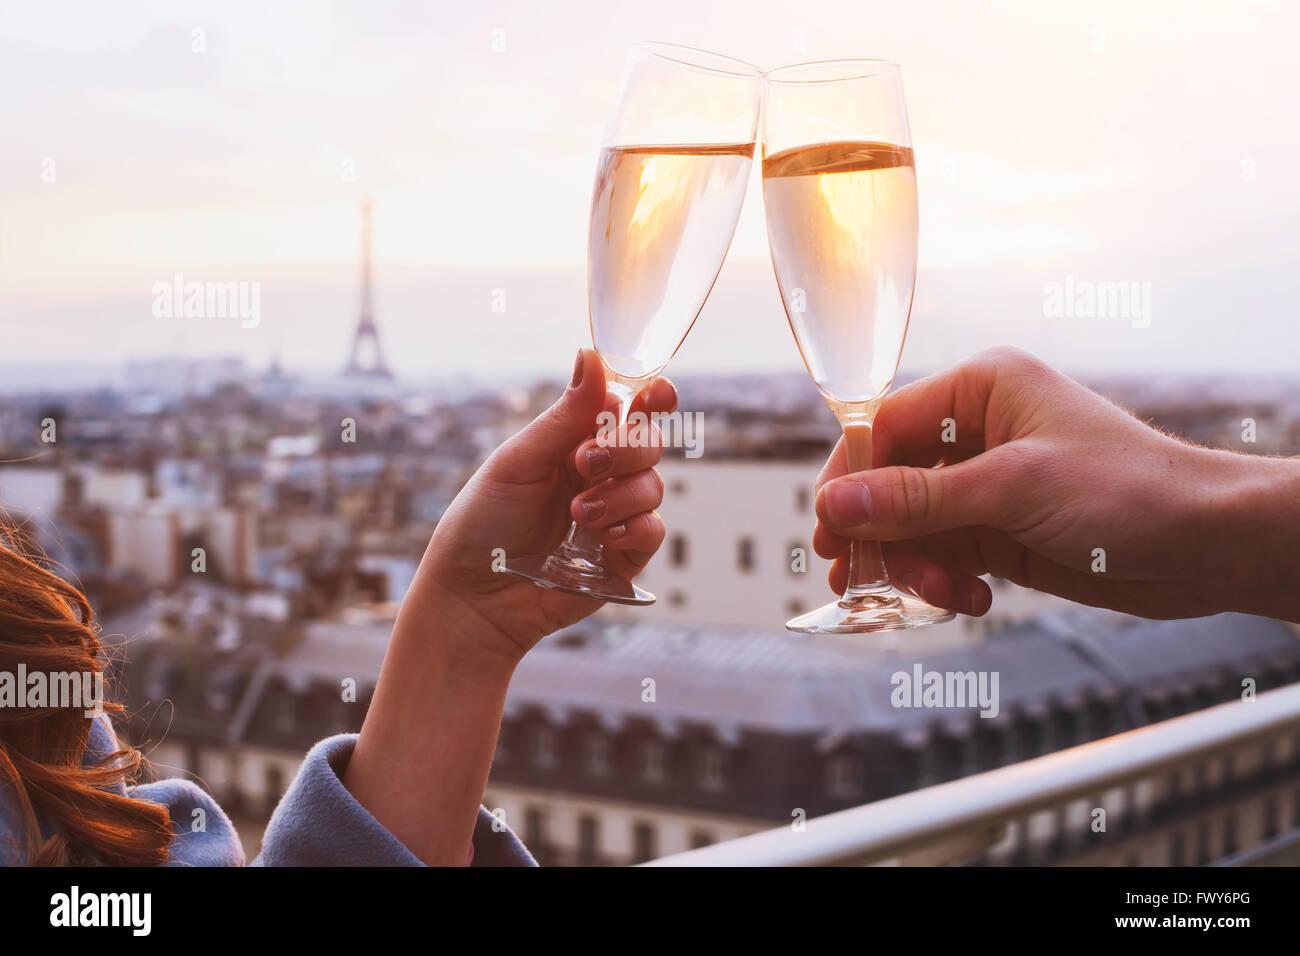 Dos copas de champaña o vino, Pareja romántica en París, fiesta de compromiso o aniversario Imagen De Stock